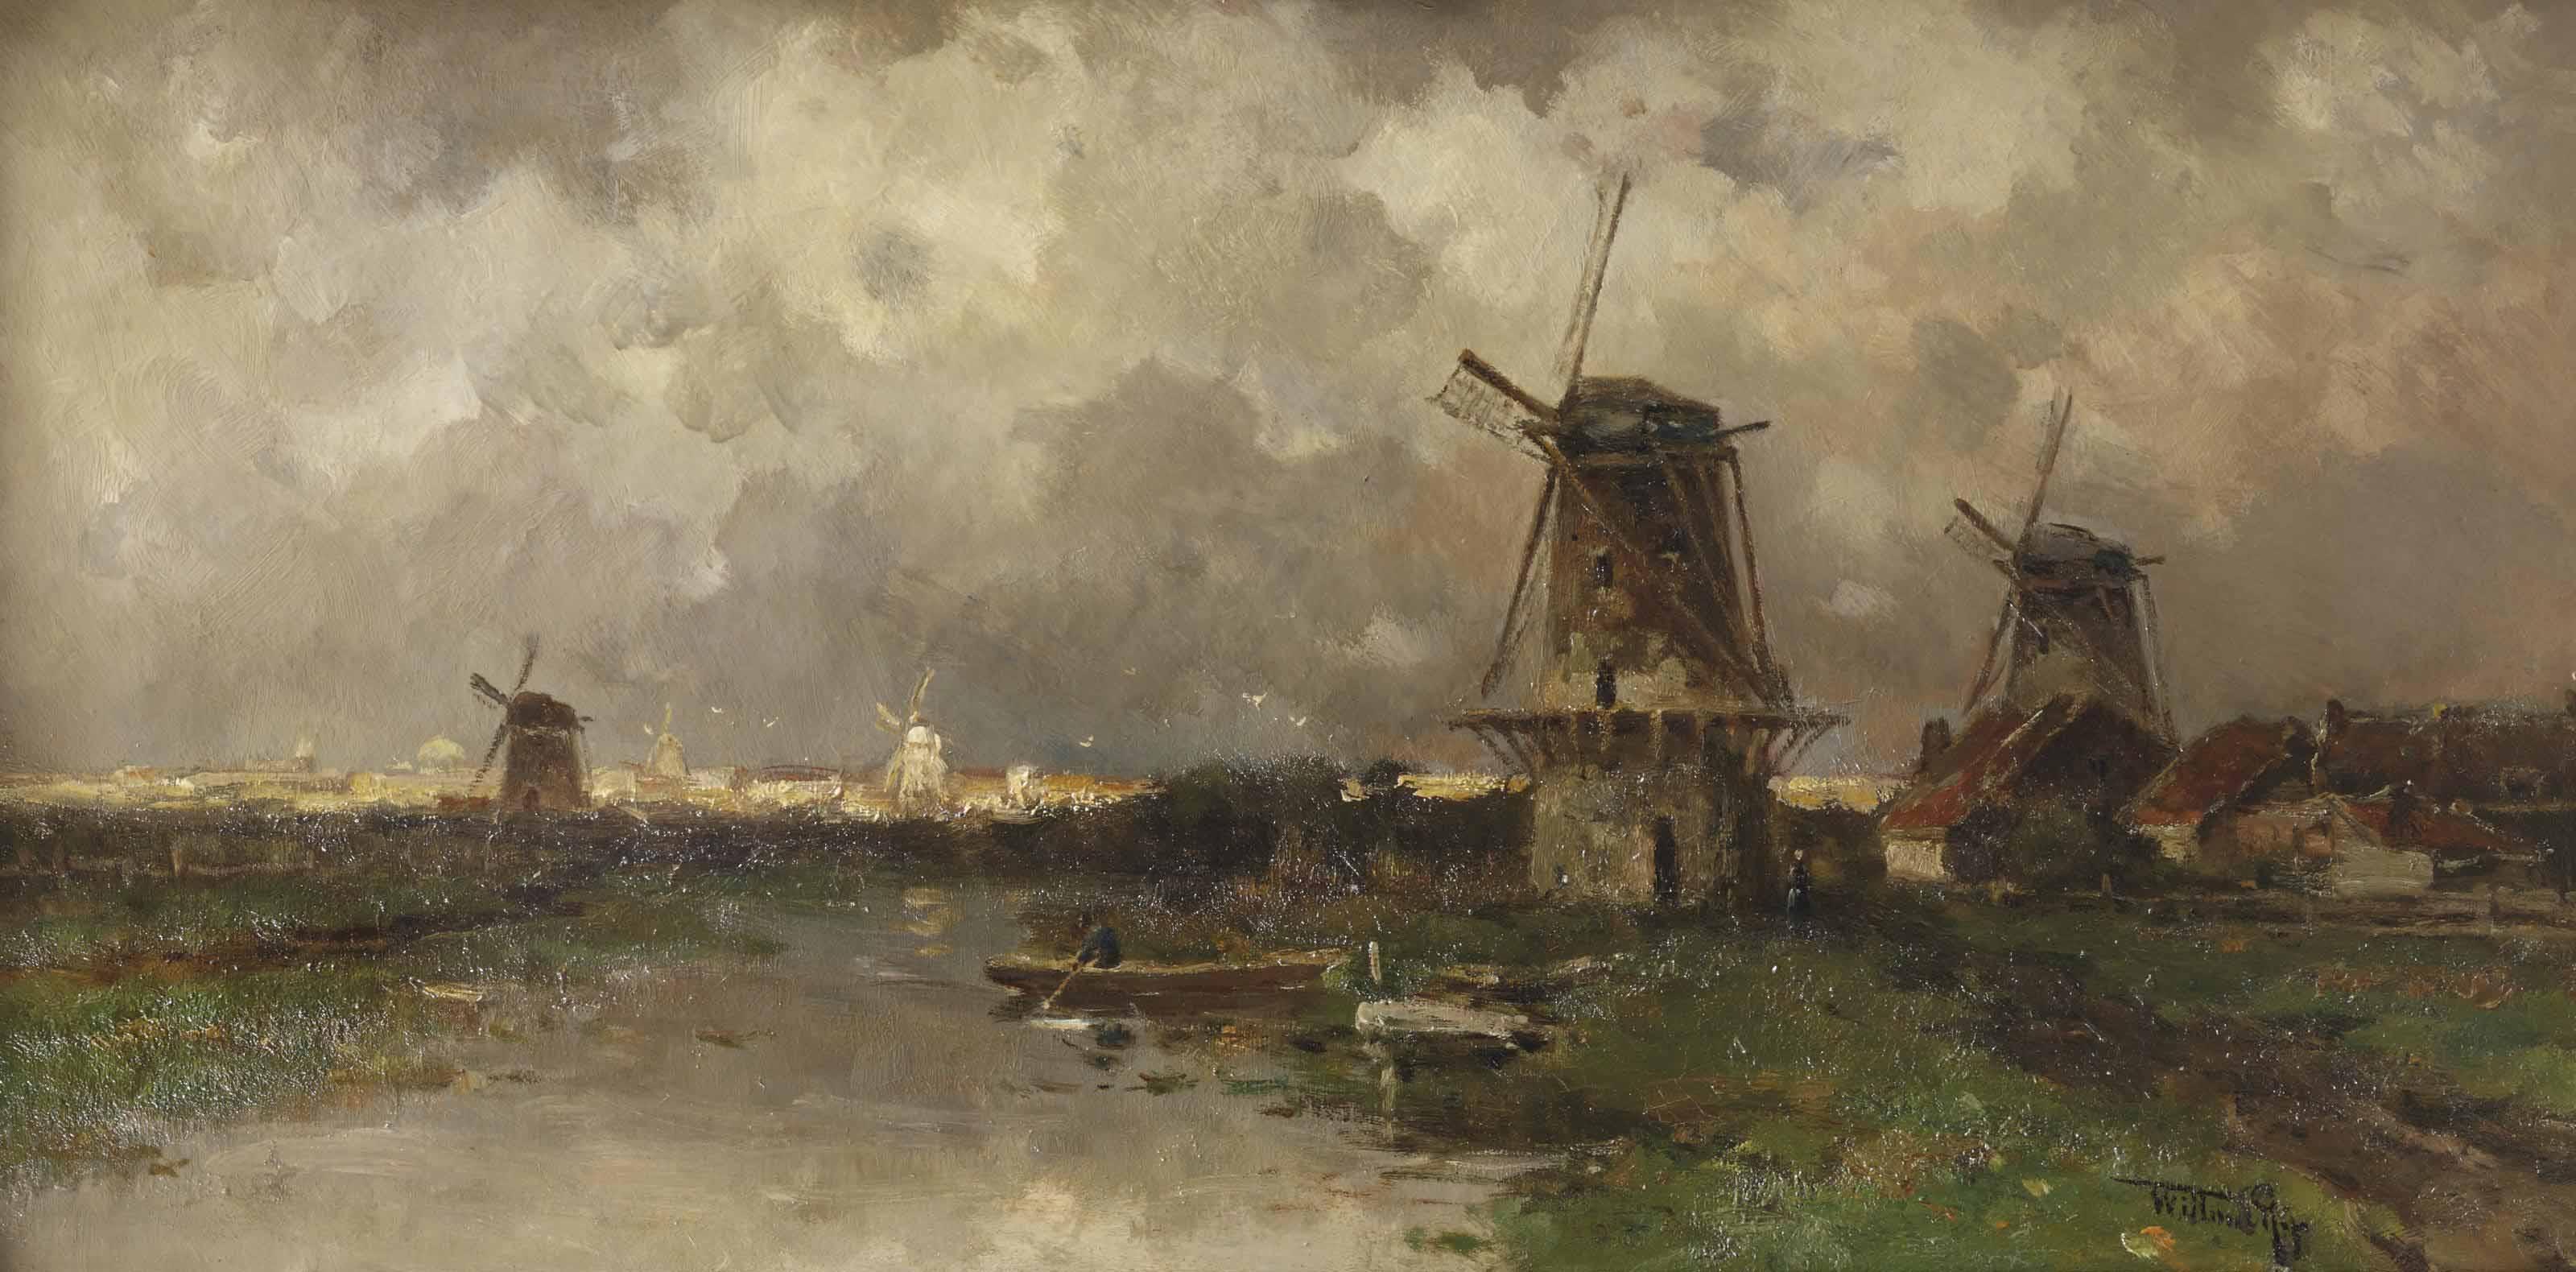 Opkomend onweder: windmills along a river